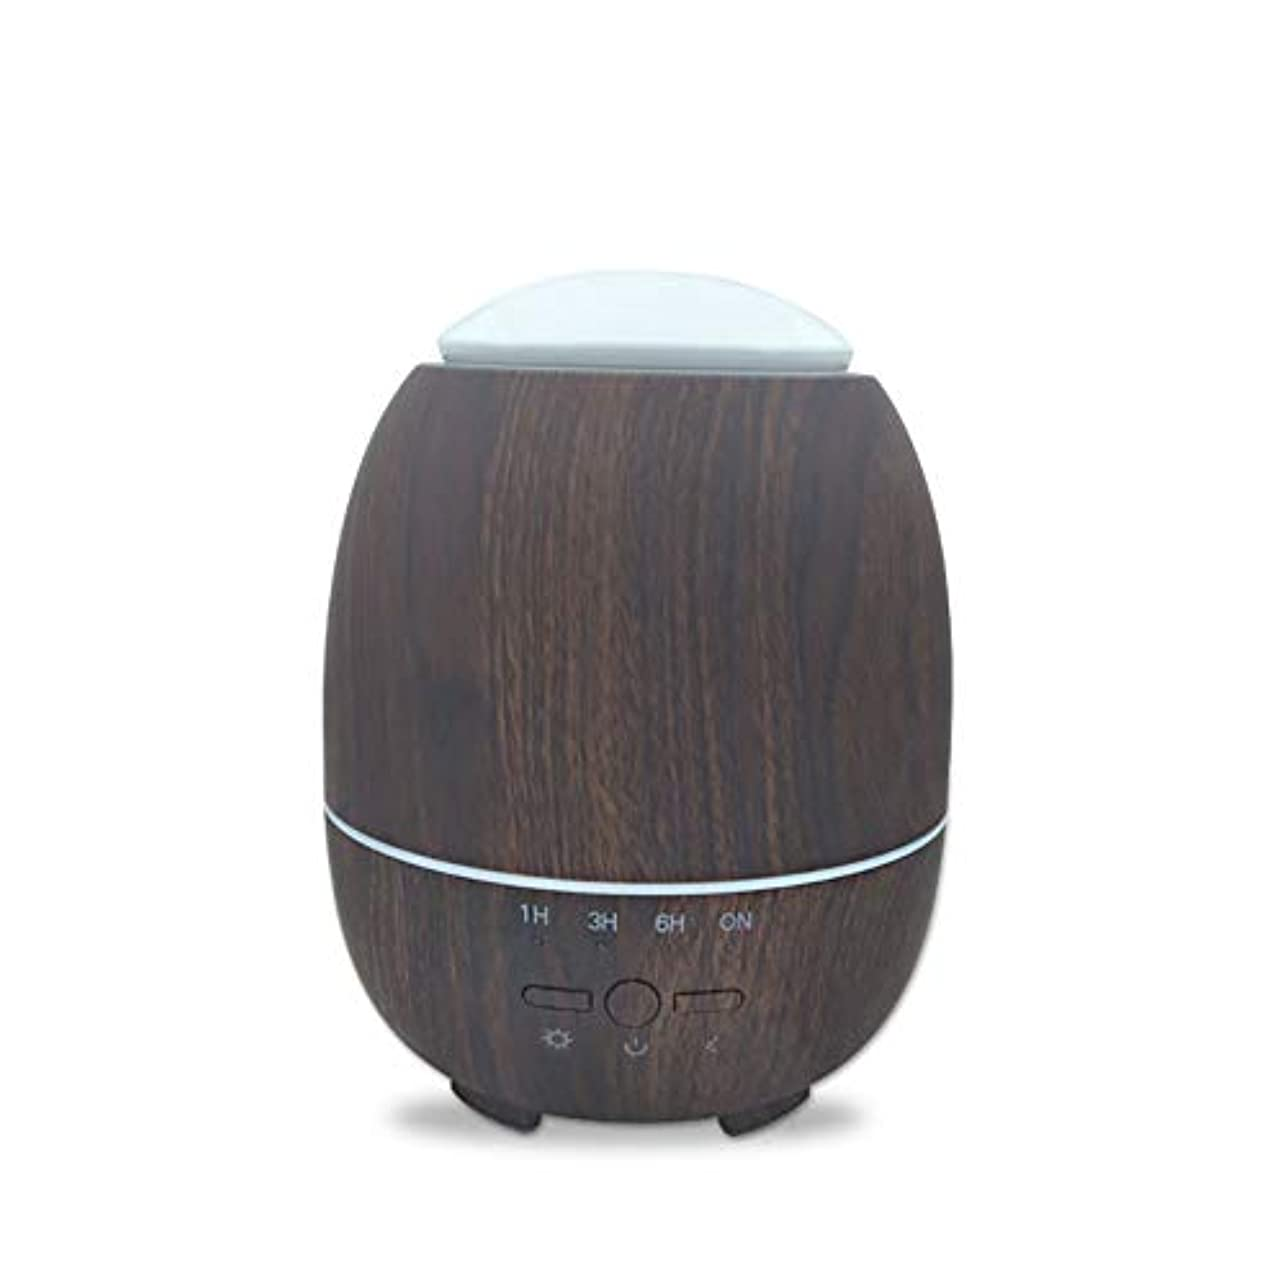 刃注ぎます歩行者アロマエッセンシャルオイルクールミスト加湿器、ウッドグレインアロマディフューザー、スーパーハイアロマ出力、調節可能ミストモード、7色LEDライト,deepgrain